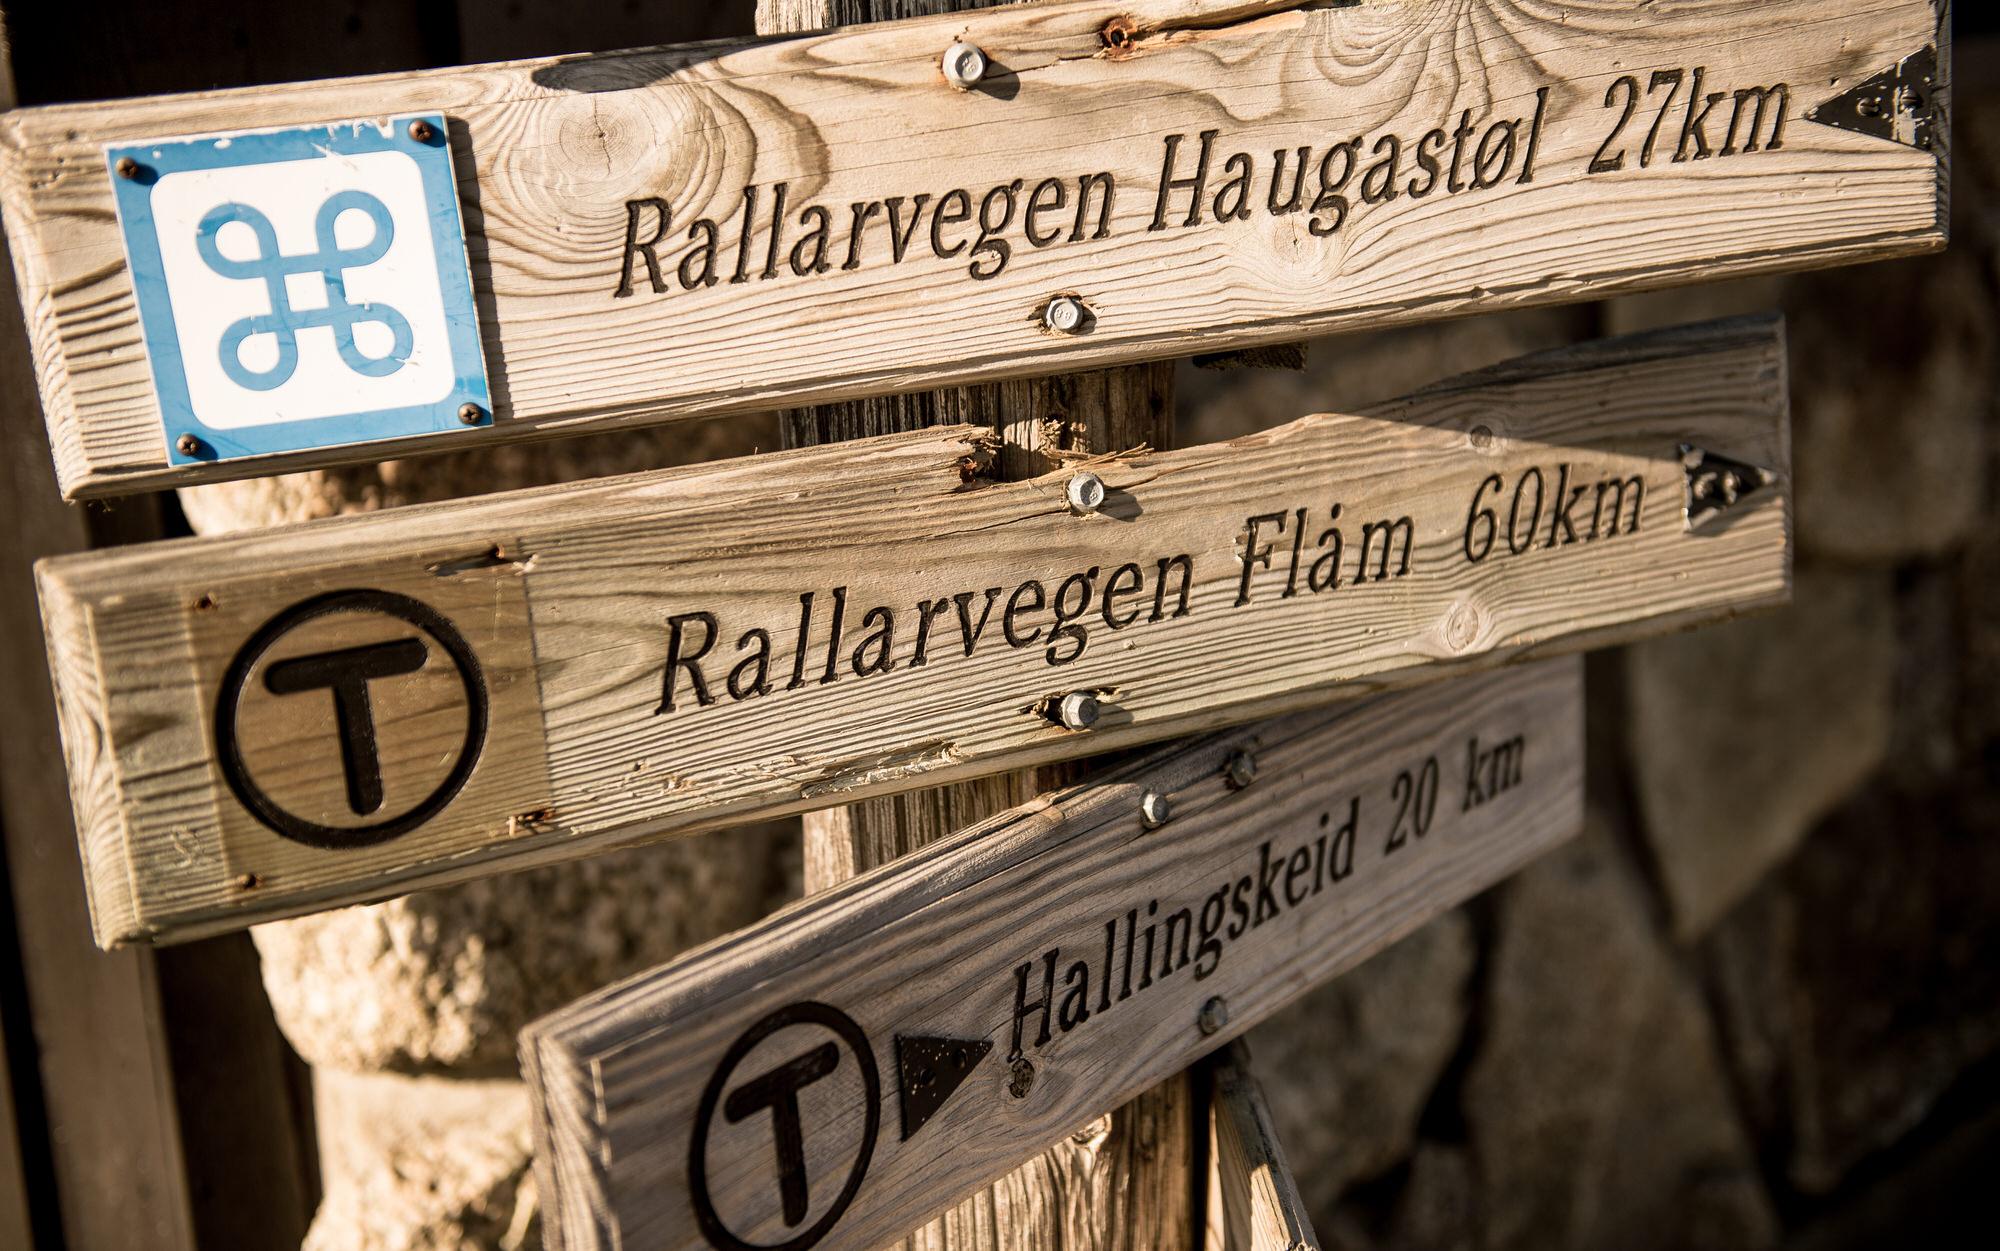 Rallarvegen-012015-99-0026.jpg